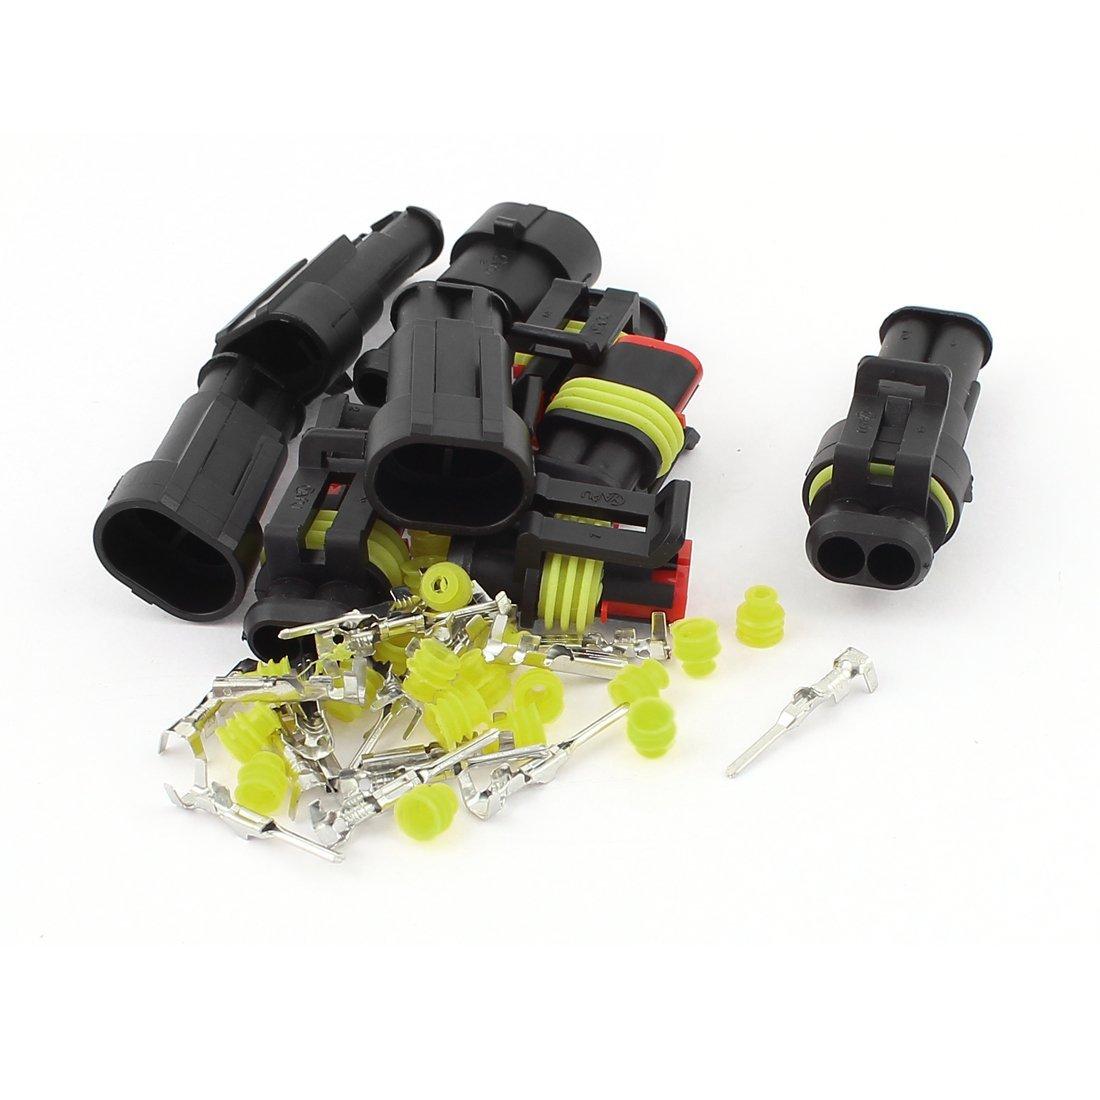 Amazon.com: HID 2P Sealed Adaptador de conector Waterproof 5 Set: Car Electronics